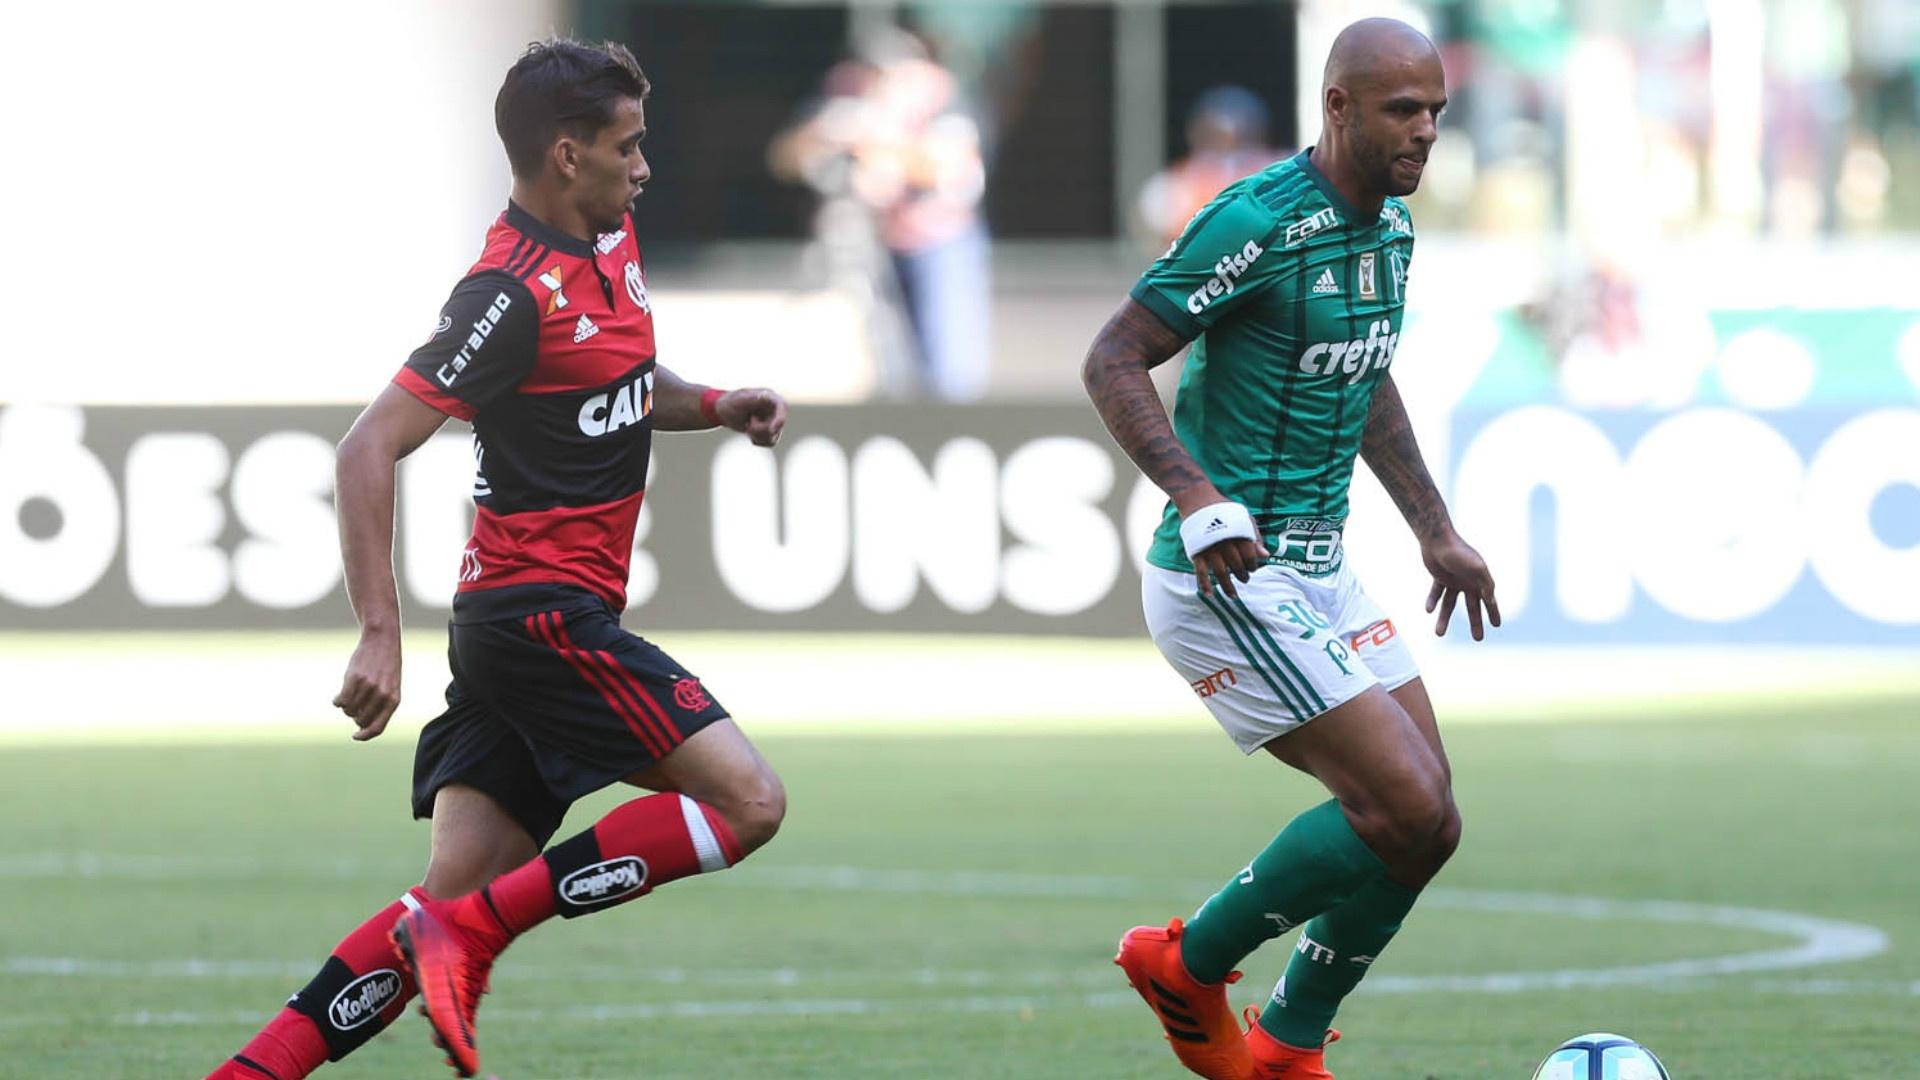 Depois de vazamento, nova camisa titular do Flamengo é